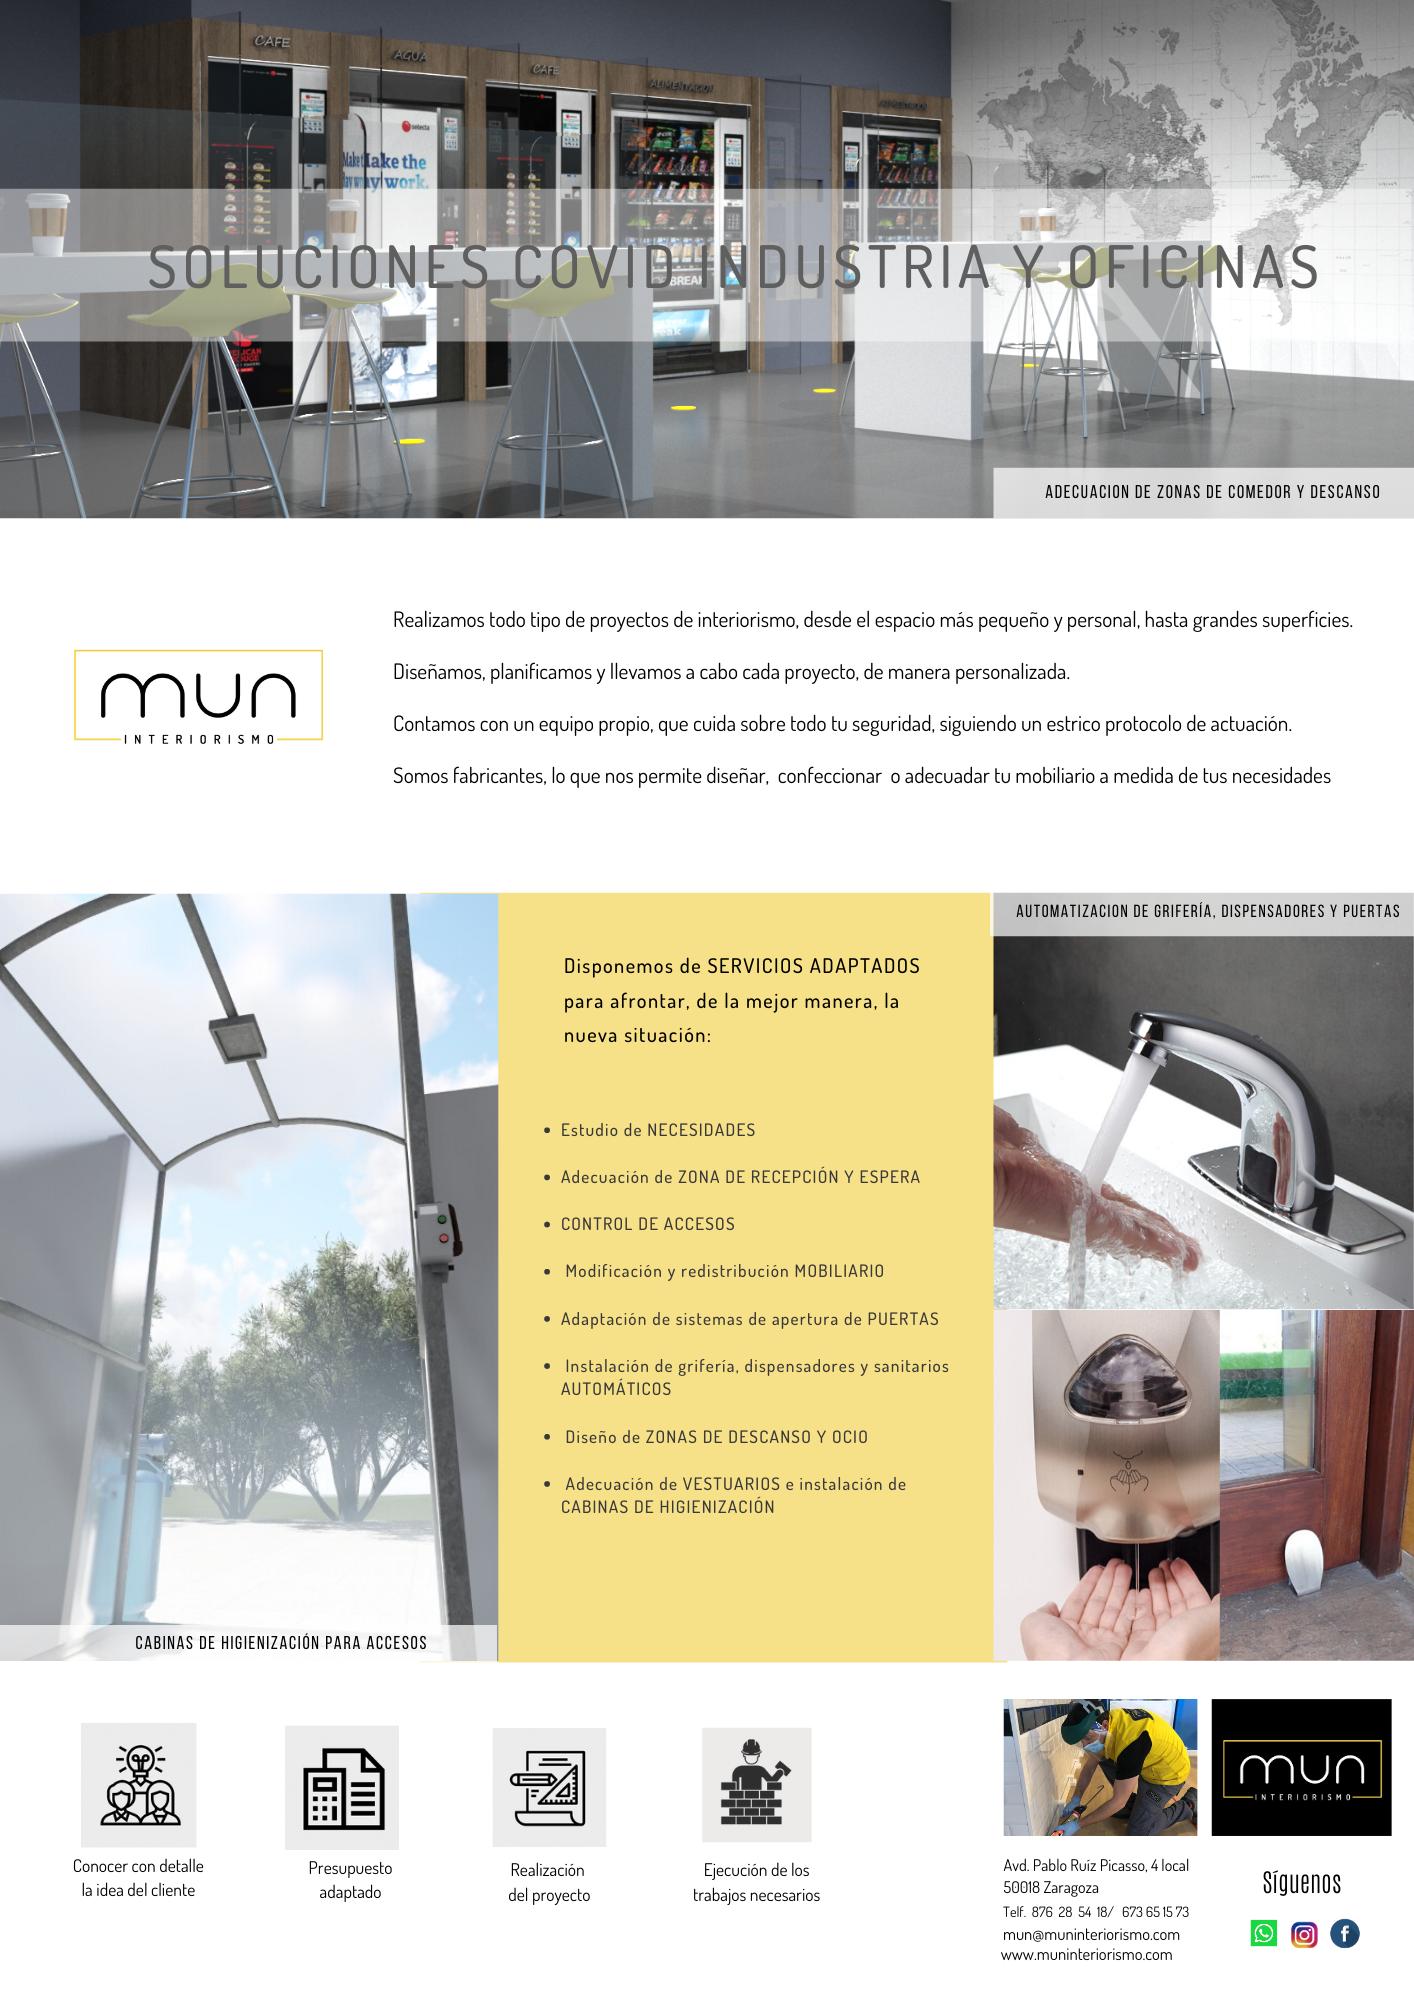 Opciones Mun para adaptar las instalaciones industriales y oficinas al COVID